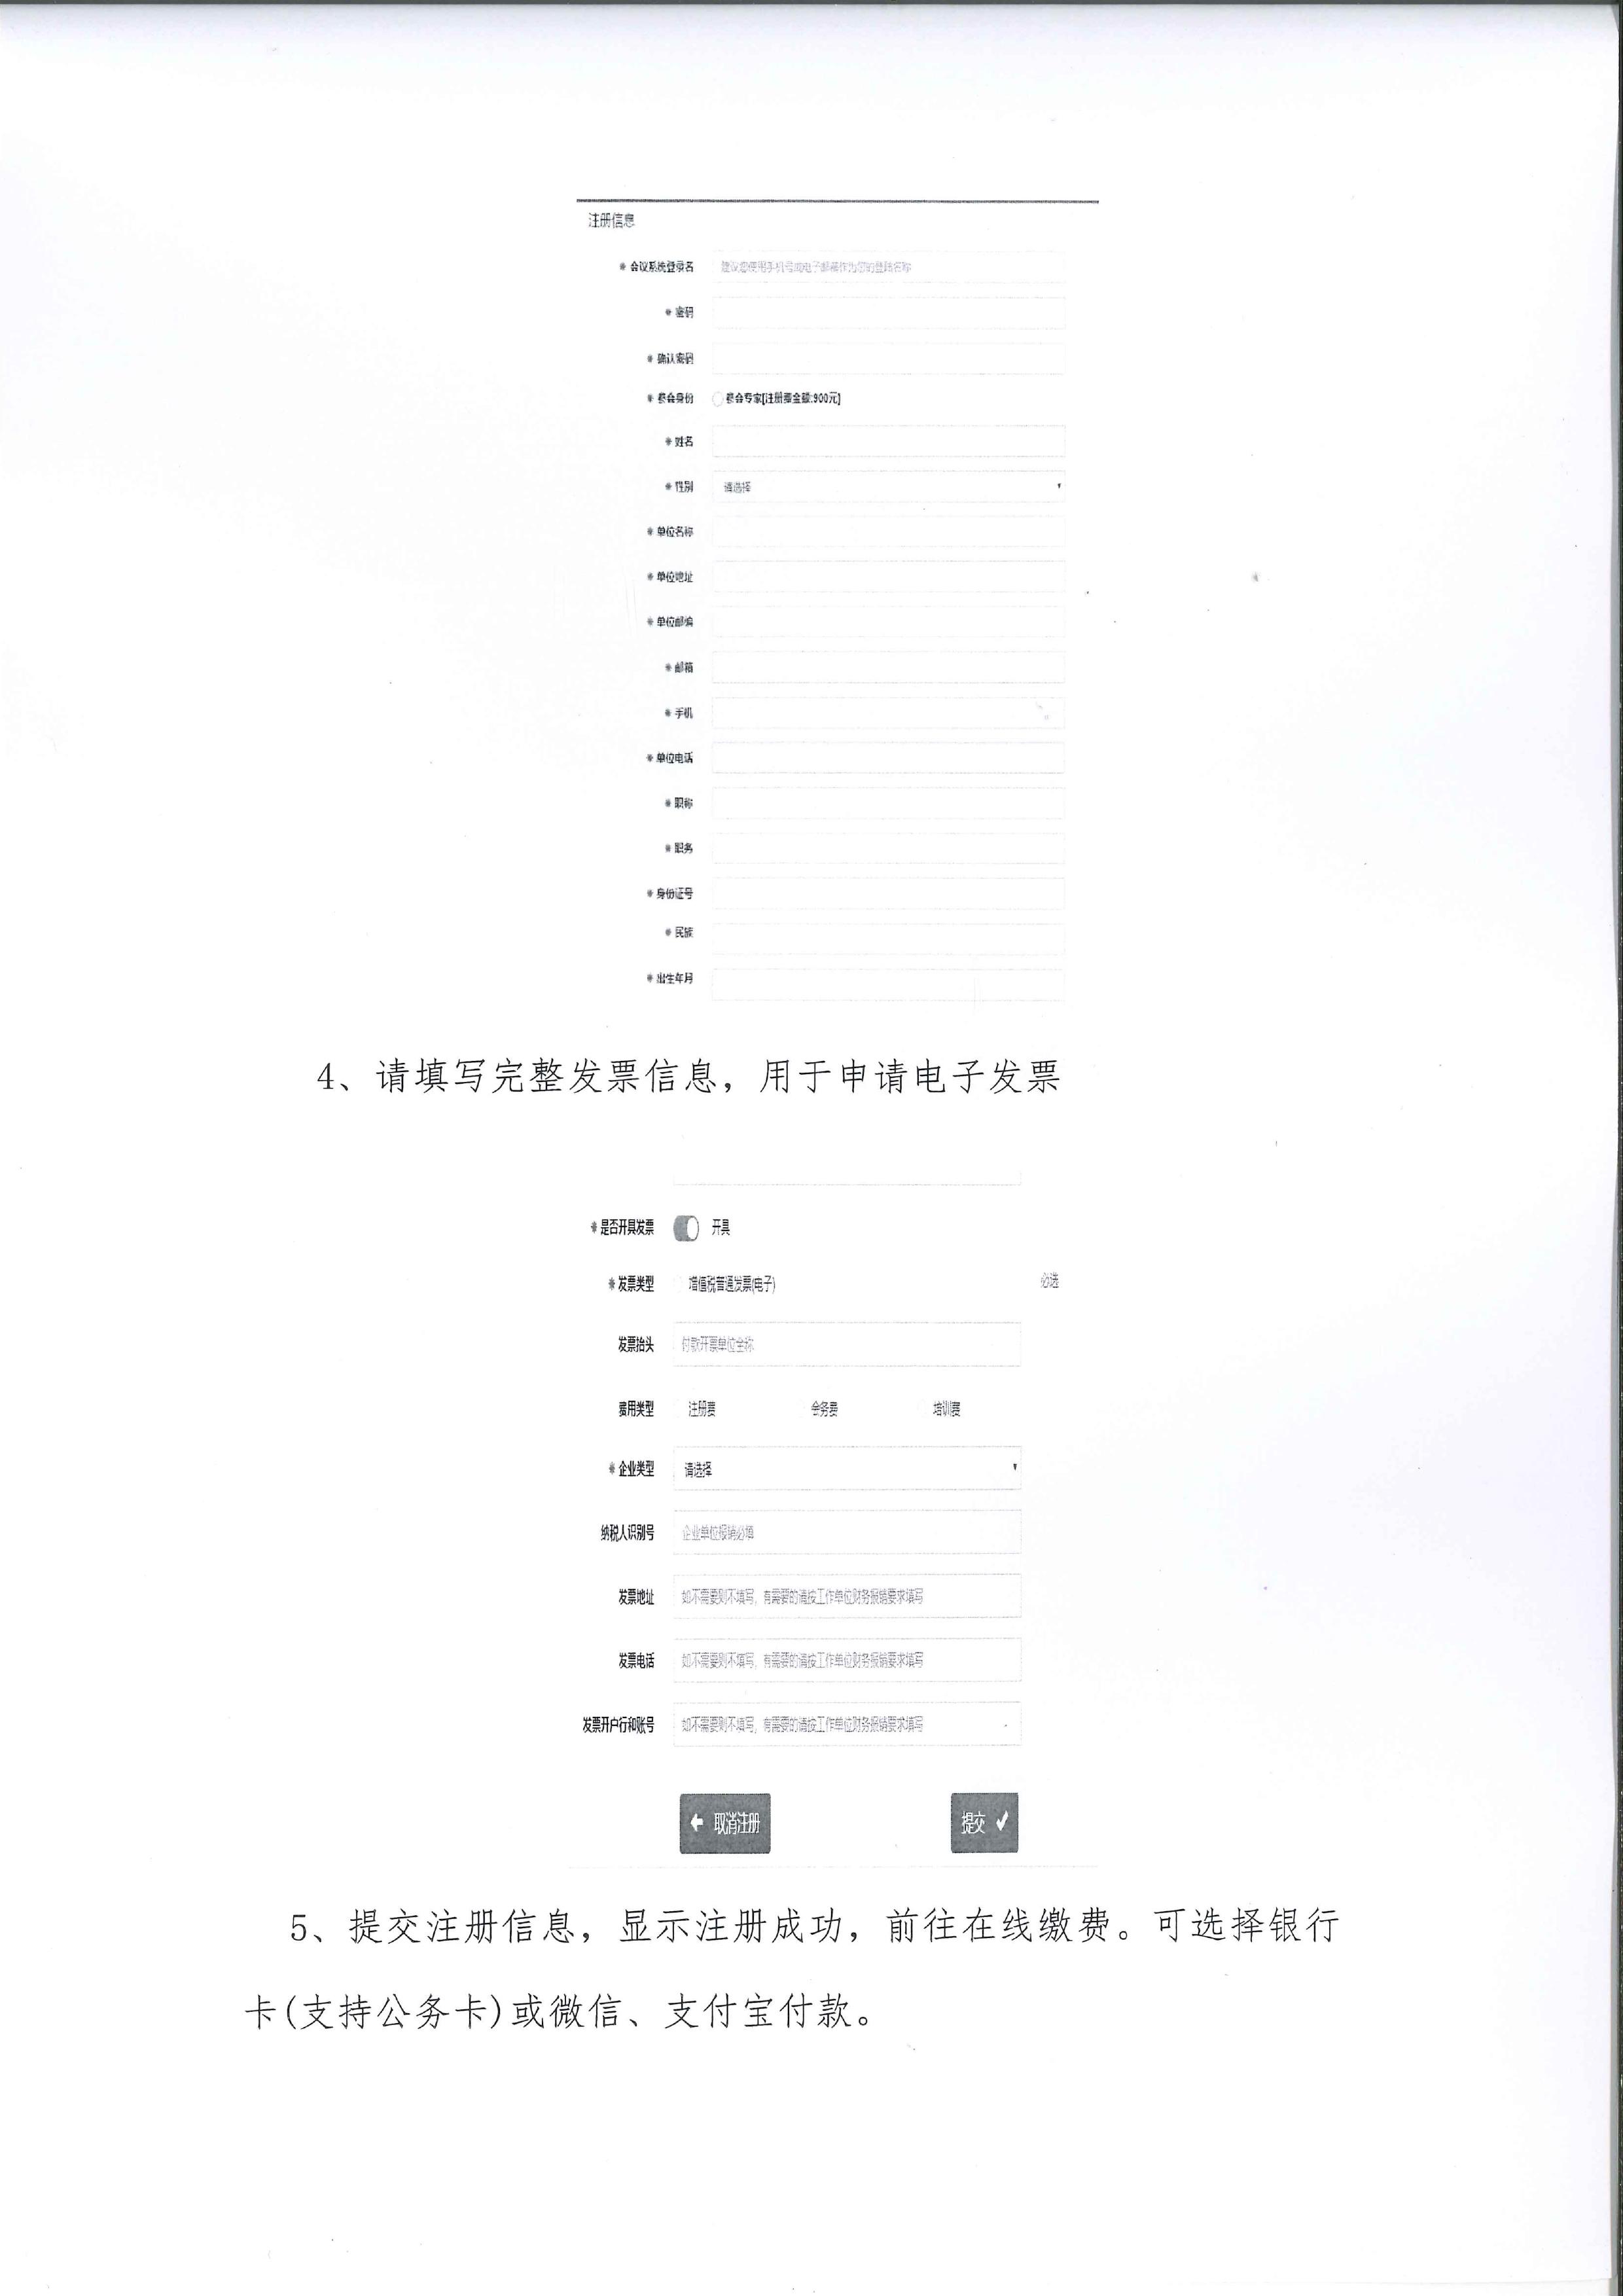 首期老年综合评估(CGA)技术应用培训班通知-4.jpg